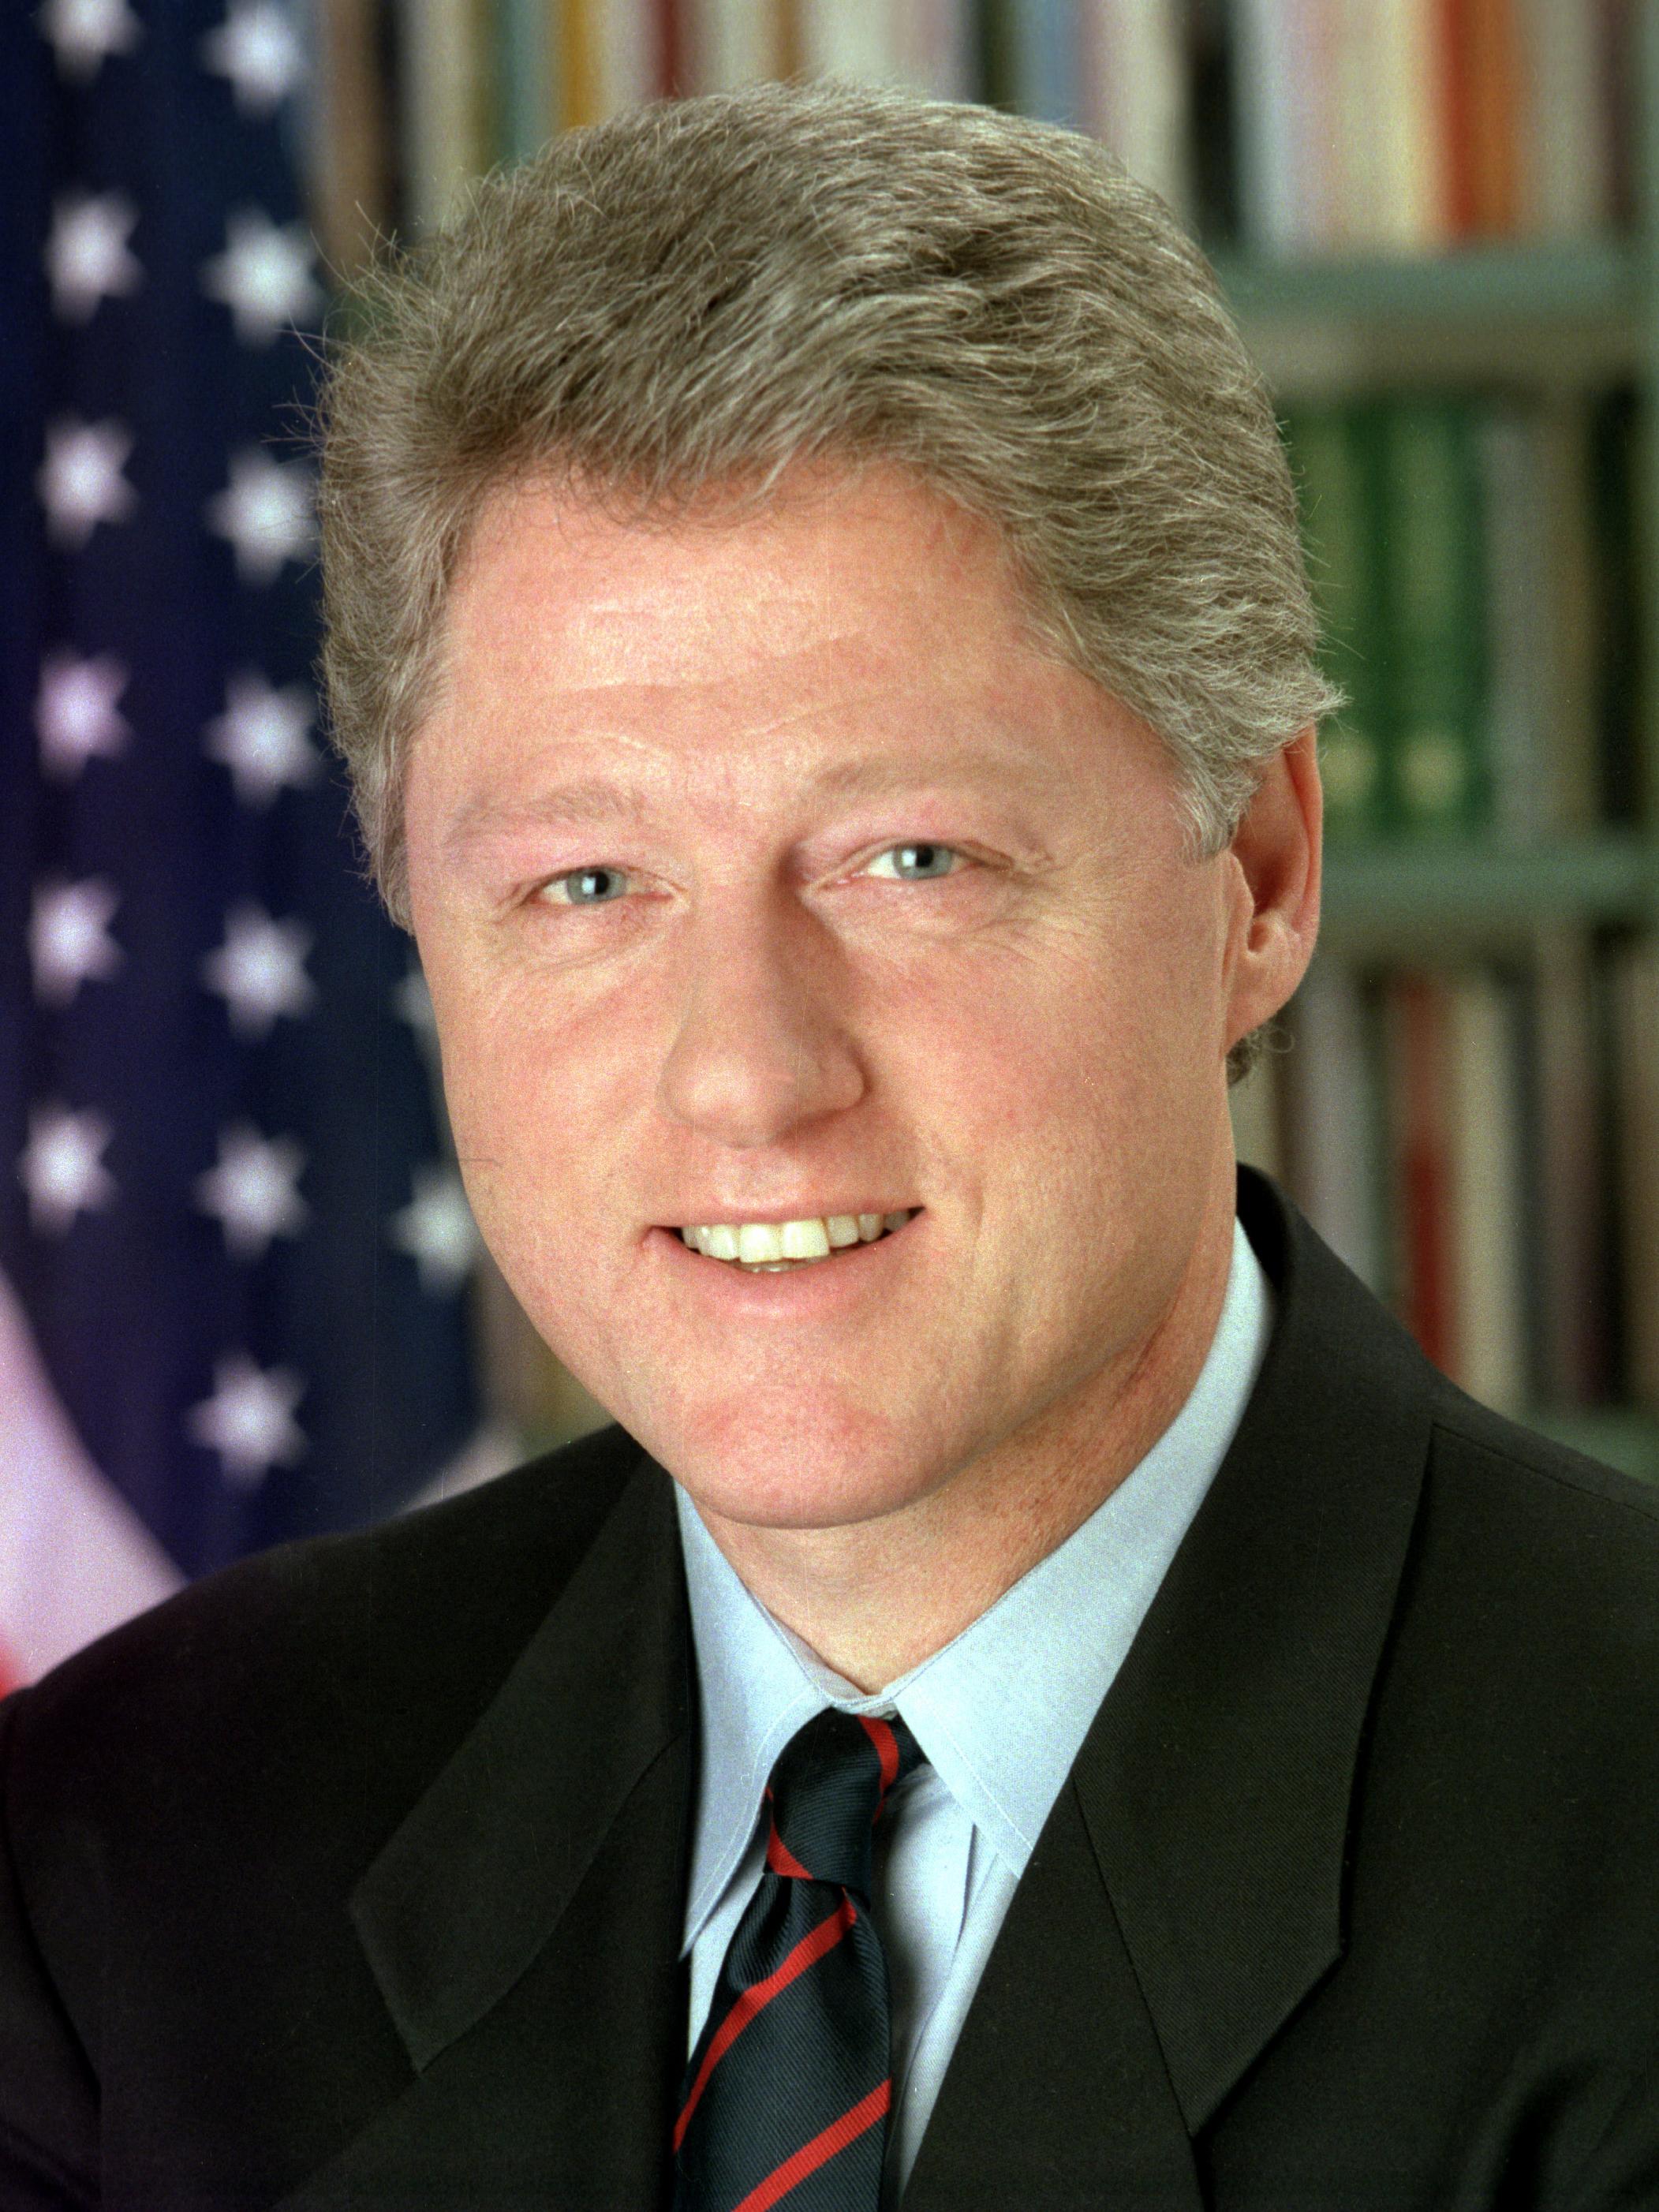 44_Bill_Clinton_3x4